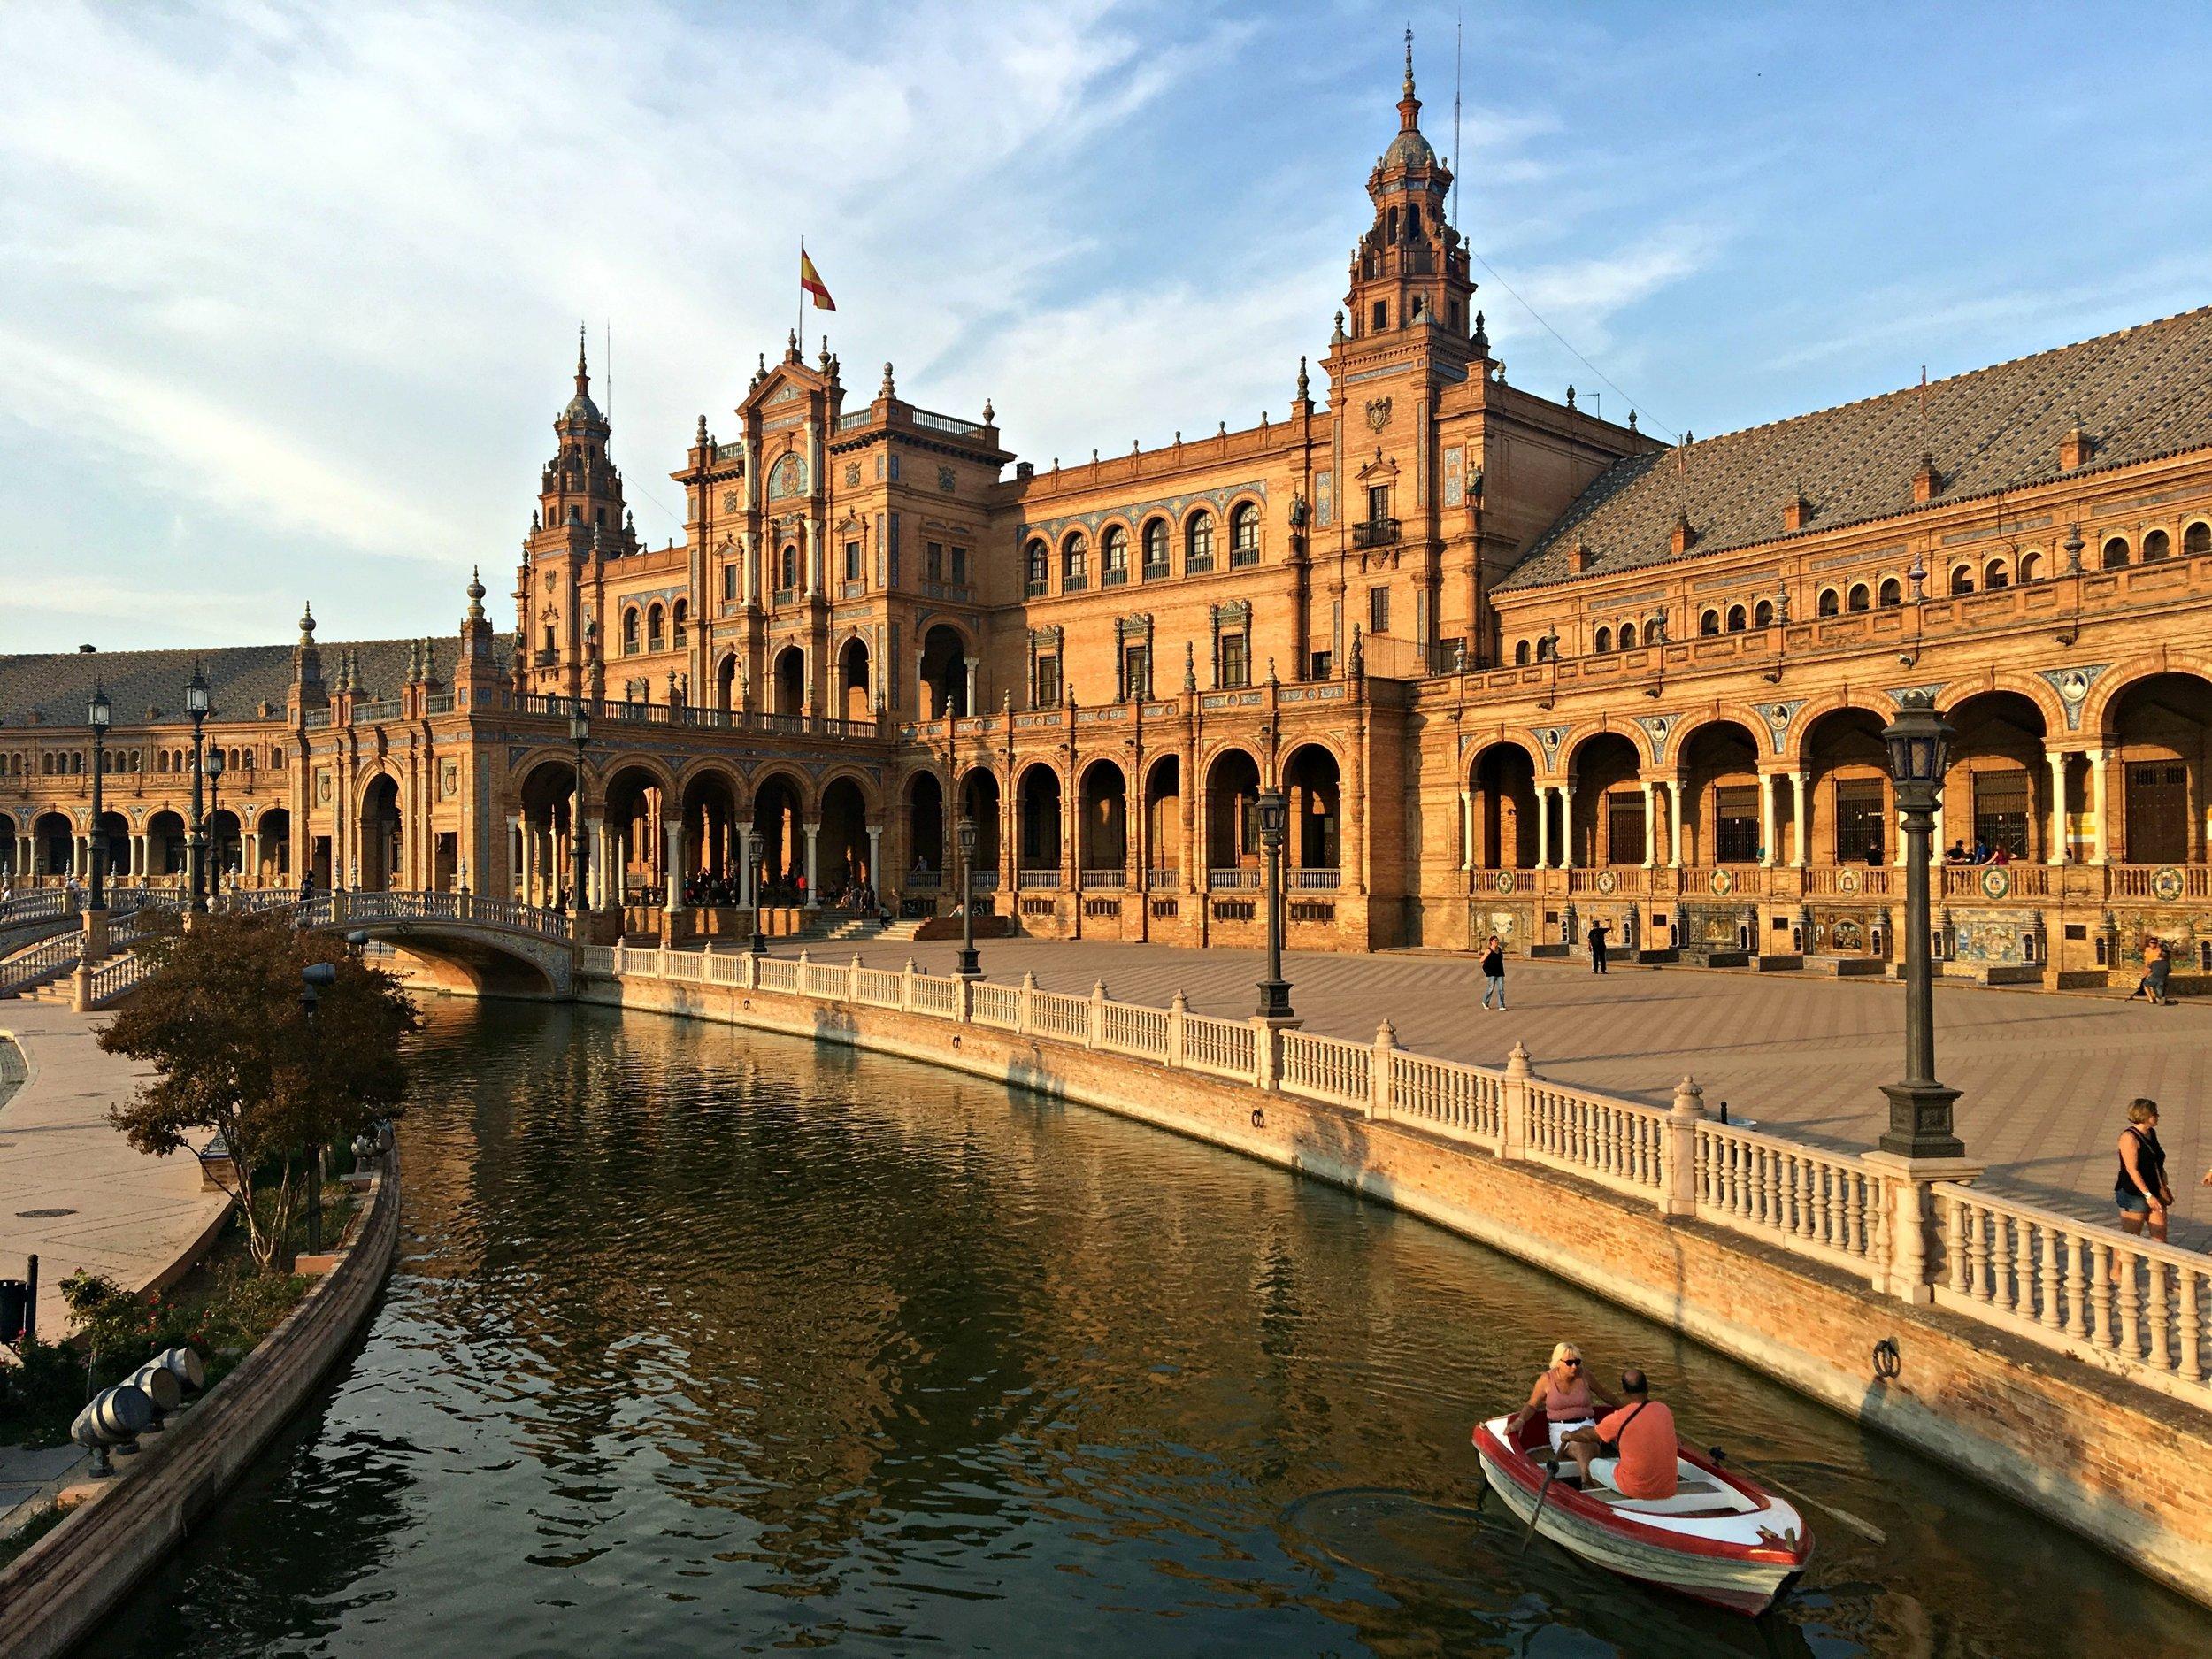 plaza-espana-sevilla-andalusia-itinerary